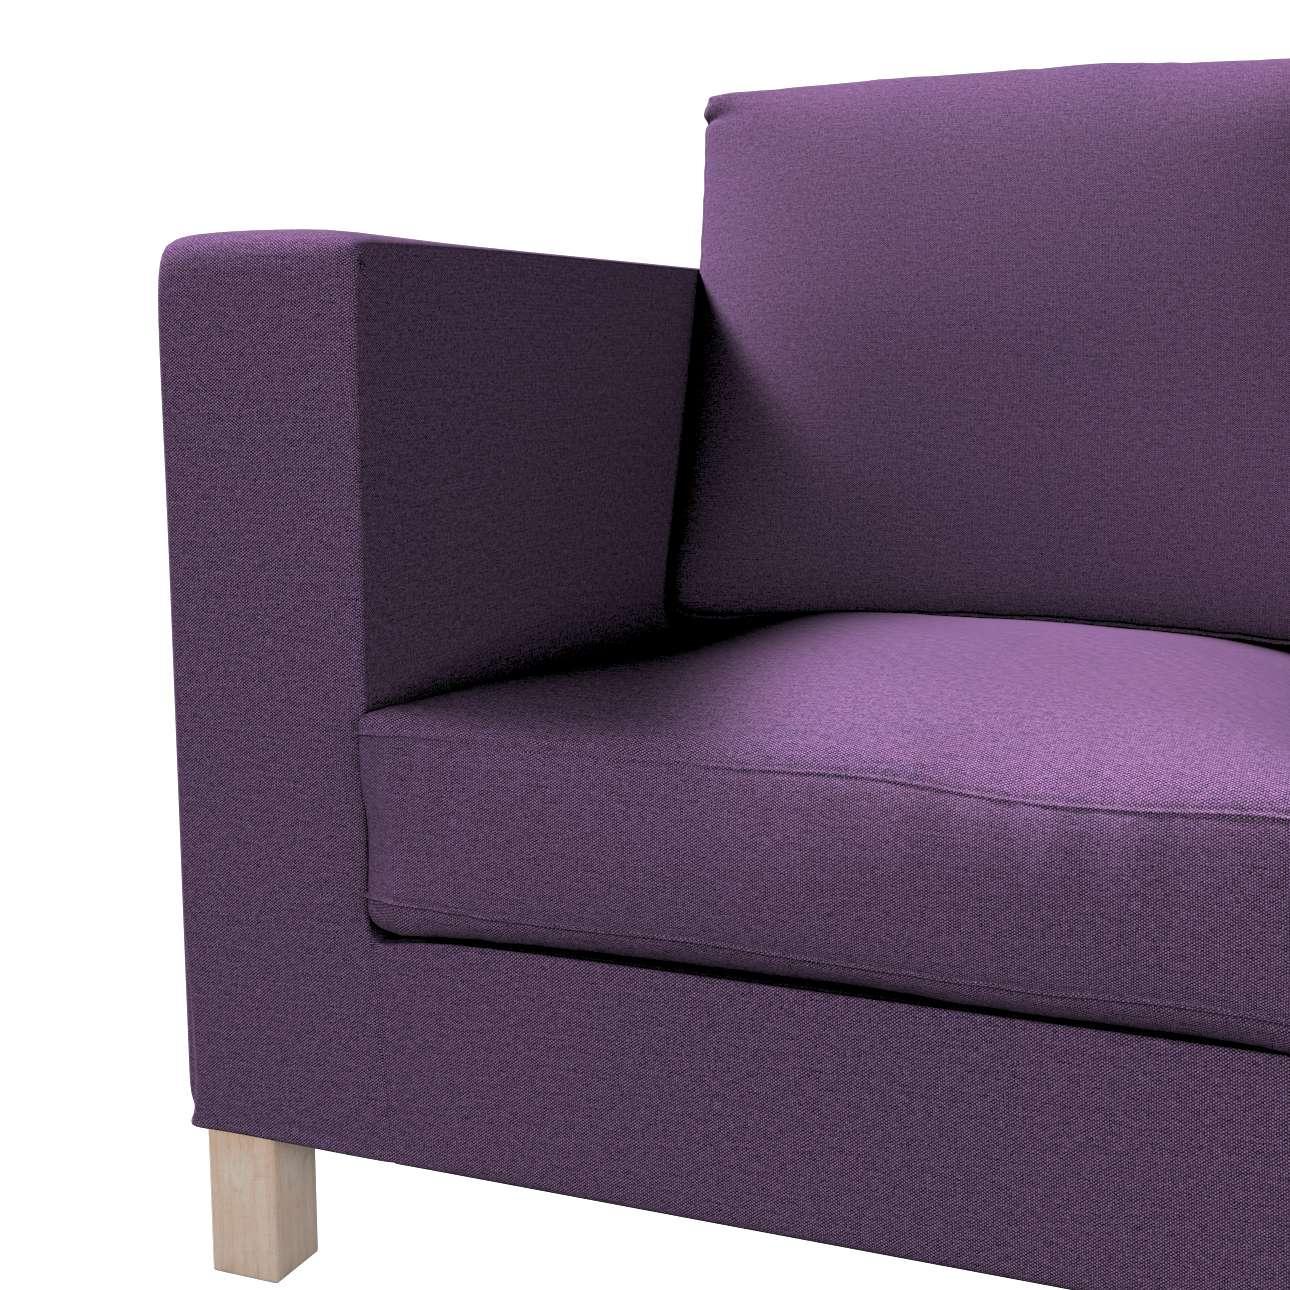 Karlanda klädsel <br>3-sits soffa - kort klädsel i kollektionen Etna, Tyg: 161-27